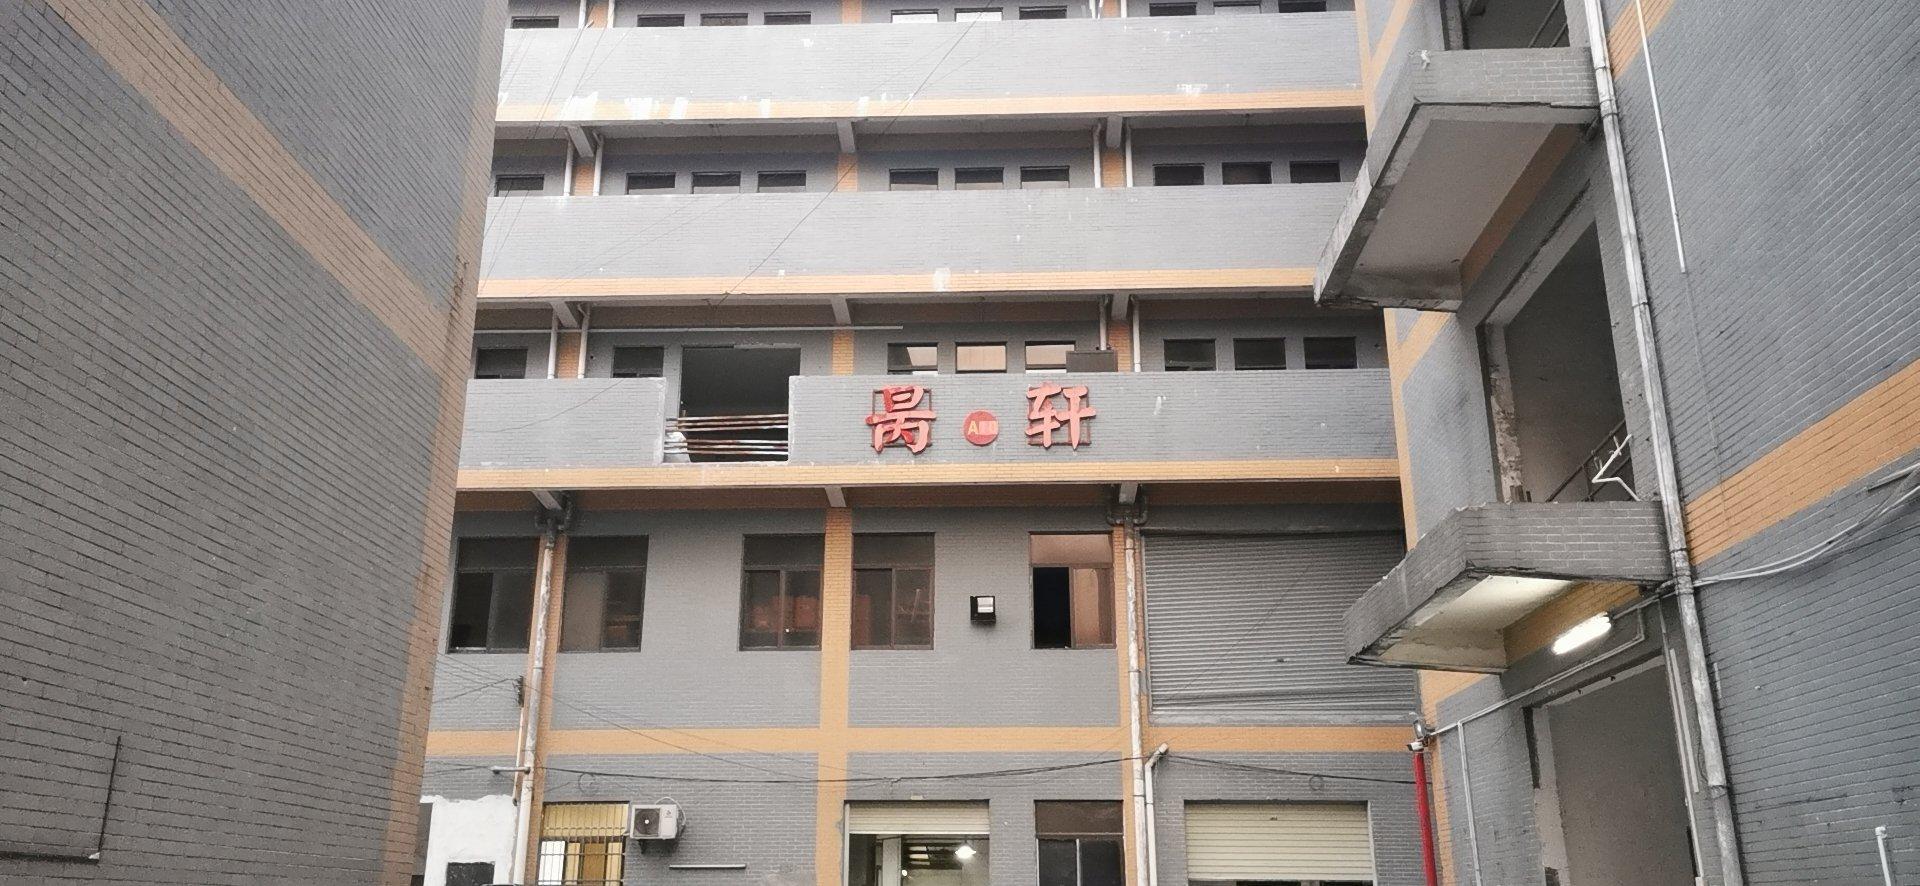 横沥原房东标准厂房二楼1000平方